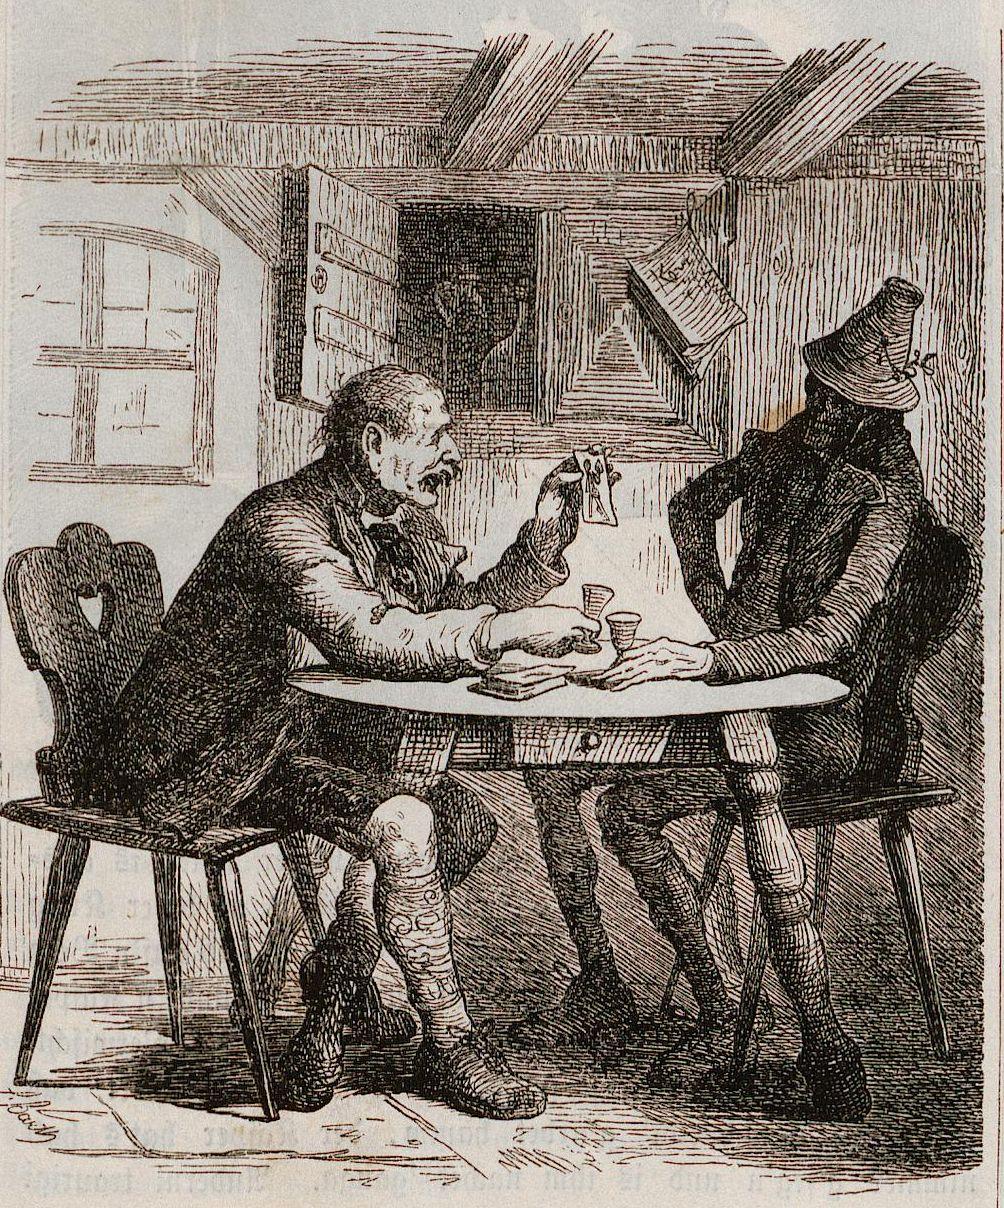 Der Brandner Kasper zeigt dem Boanlkramer den Grasober